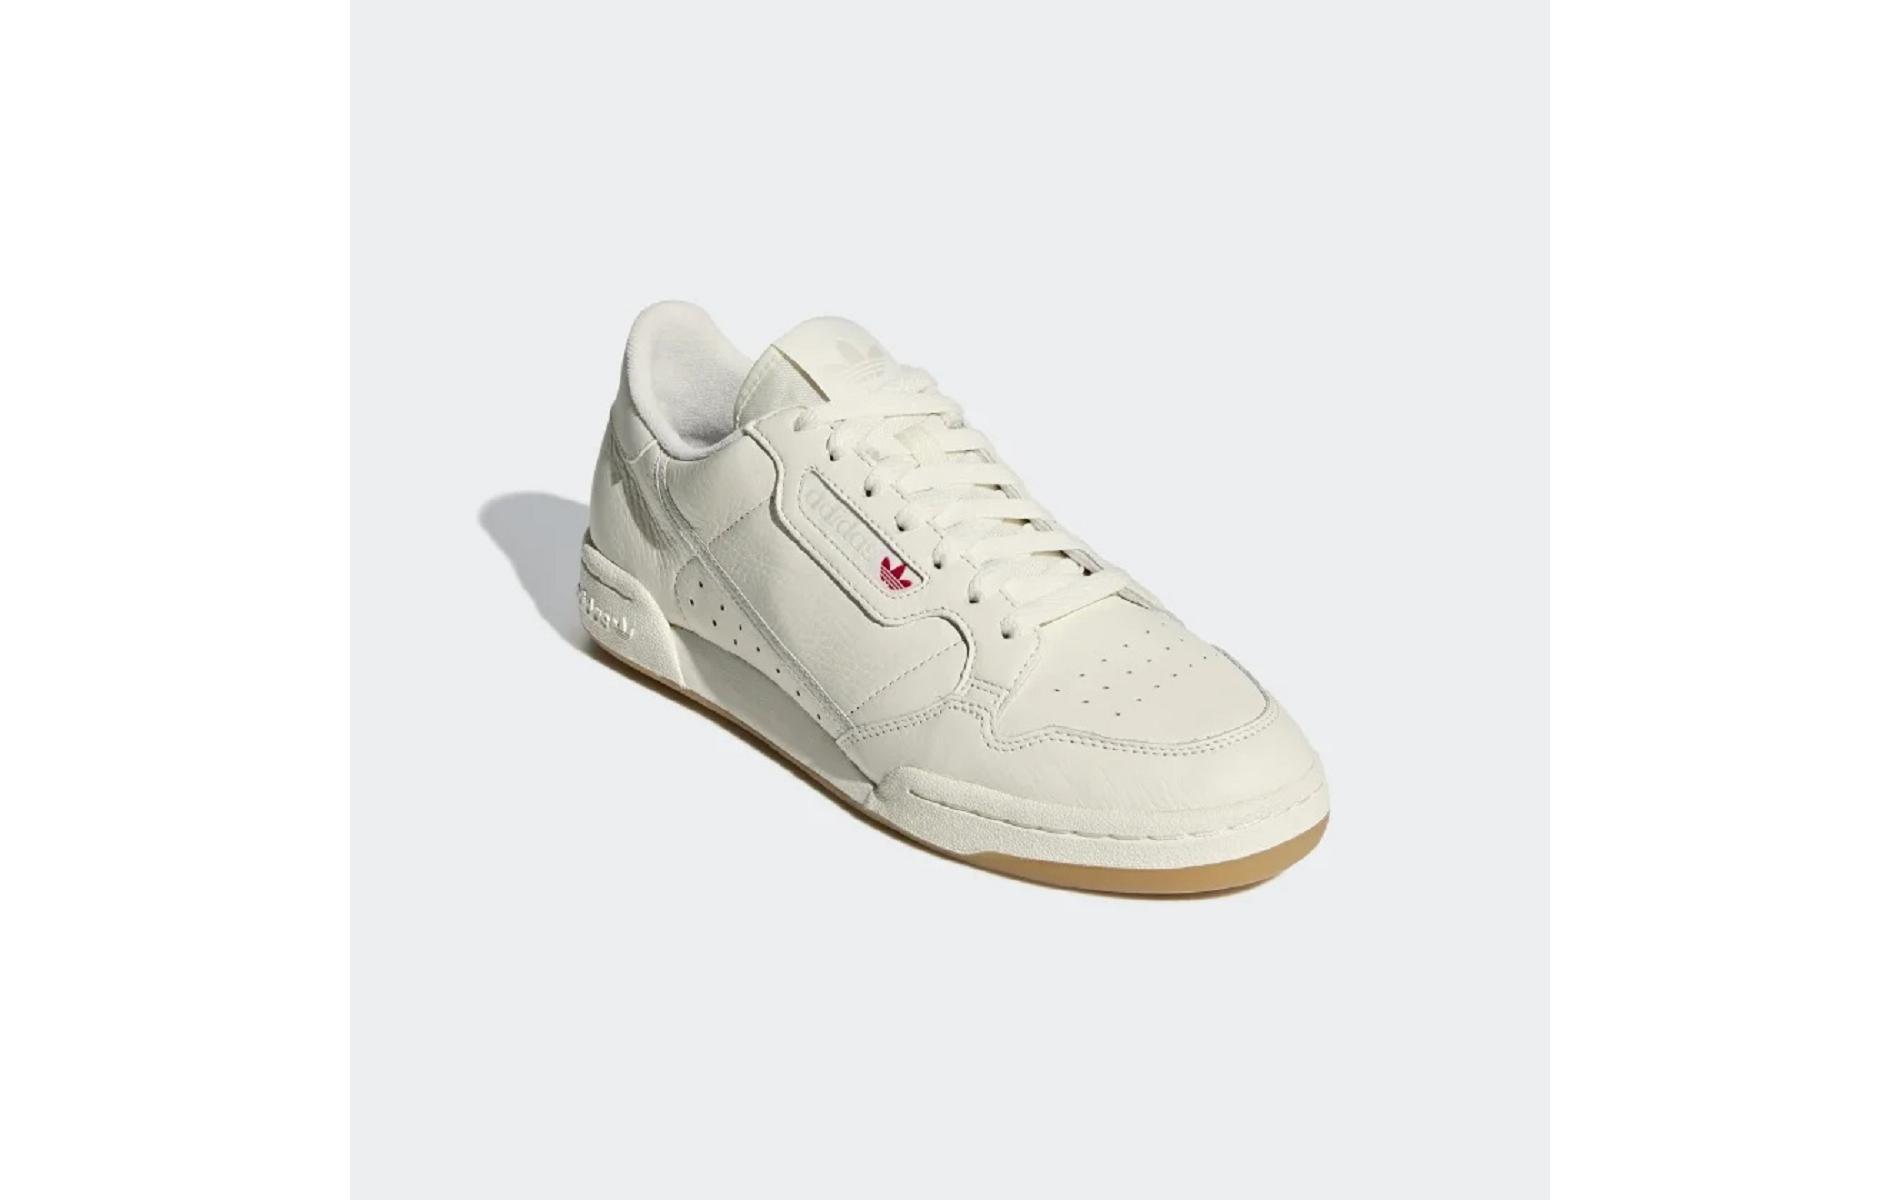 Adidas continental 80 bd7975 blanc